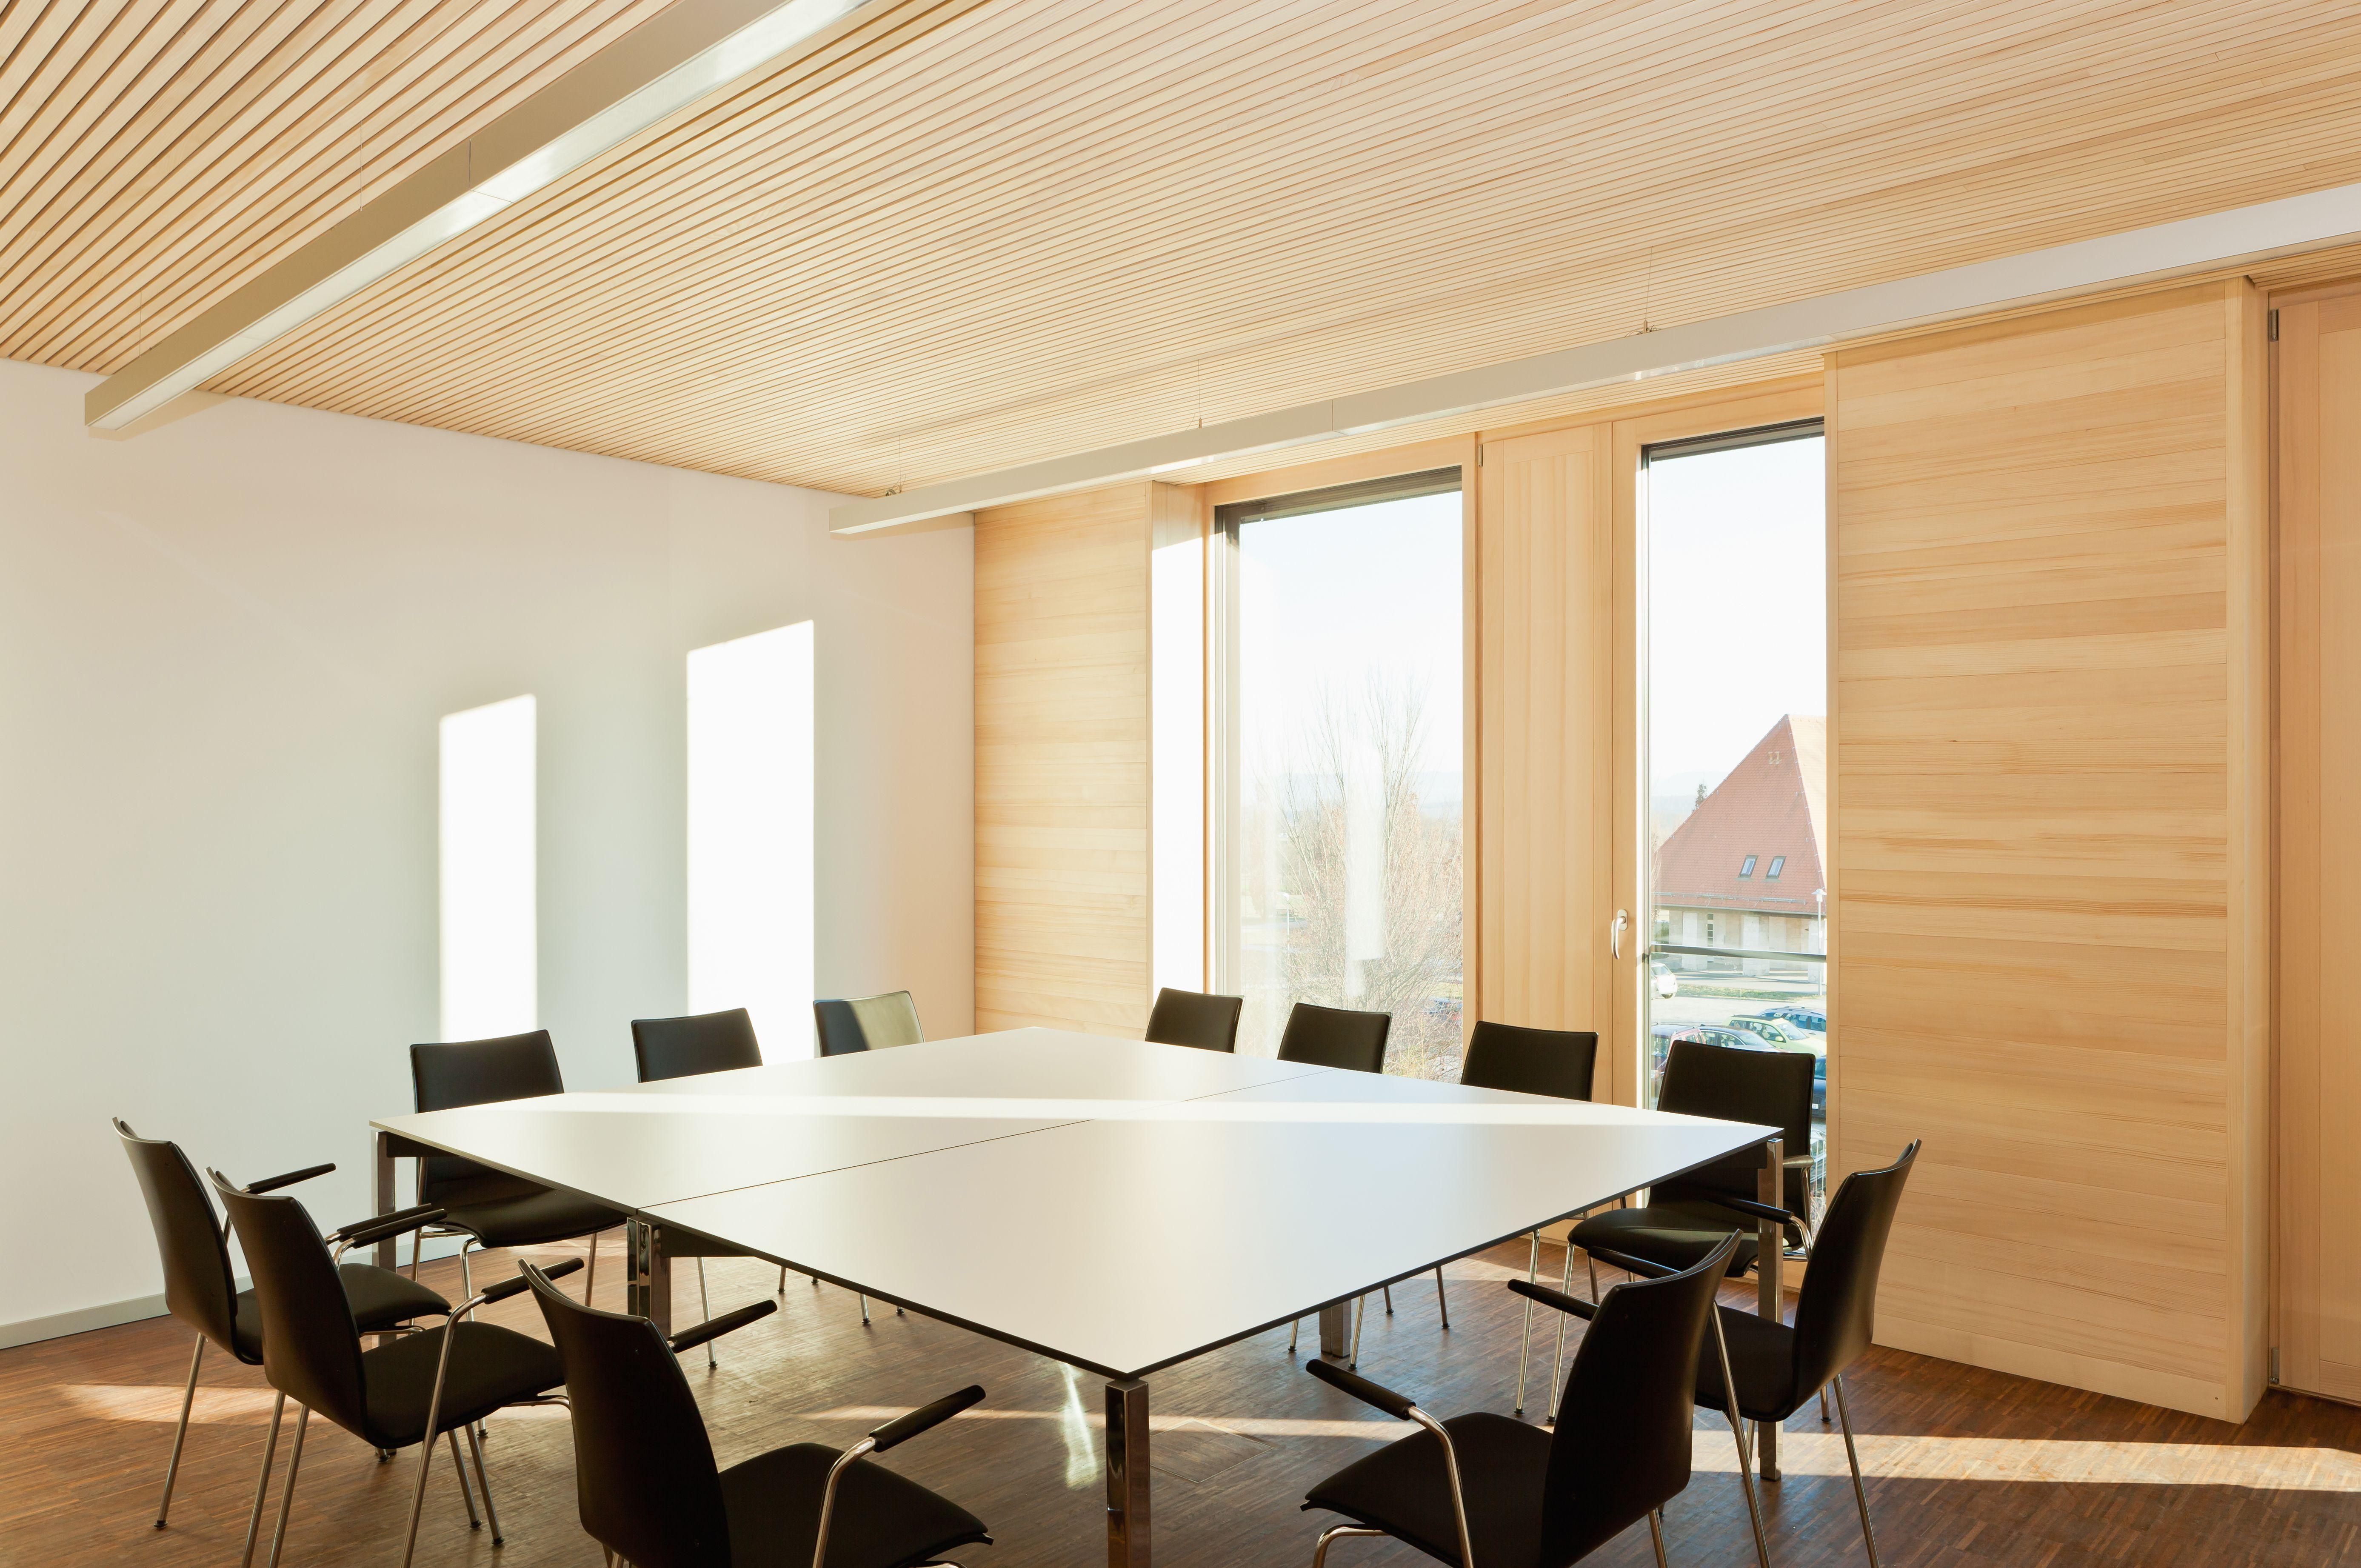 akustikplatten wei tanne schallabsorbtion schalld mmung leise konferenzr ume konferenz. Black Bedroom Furniture Sets. Home Design Ideas